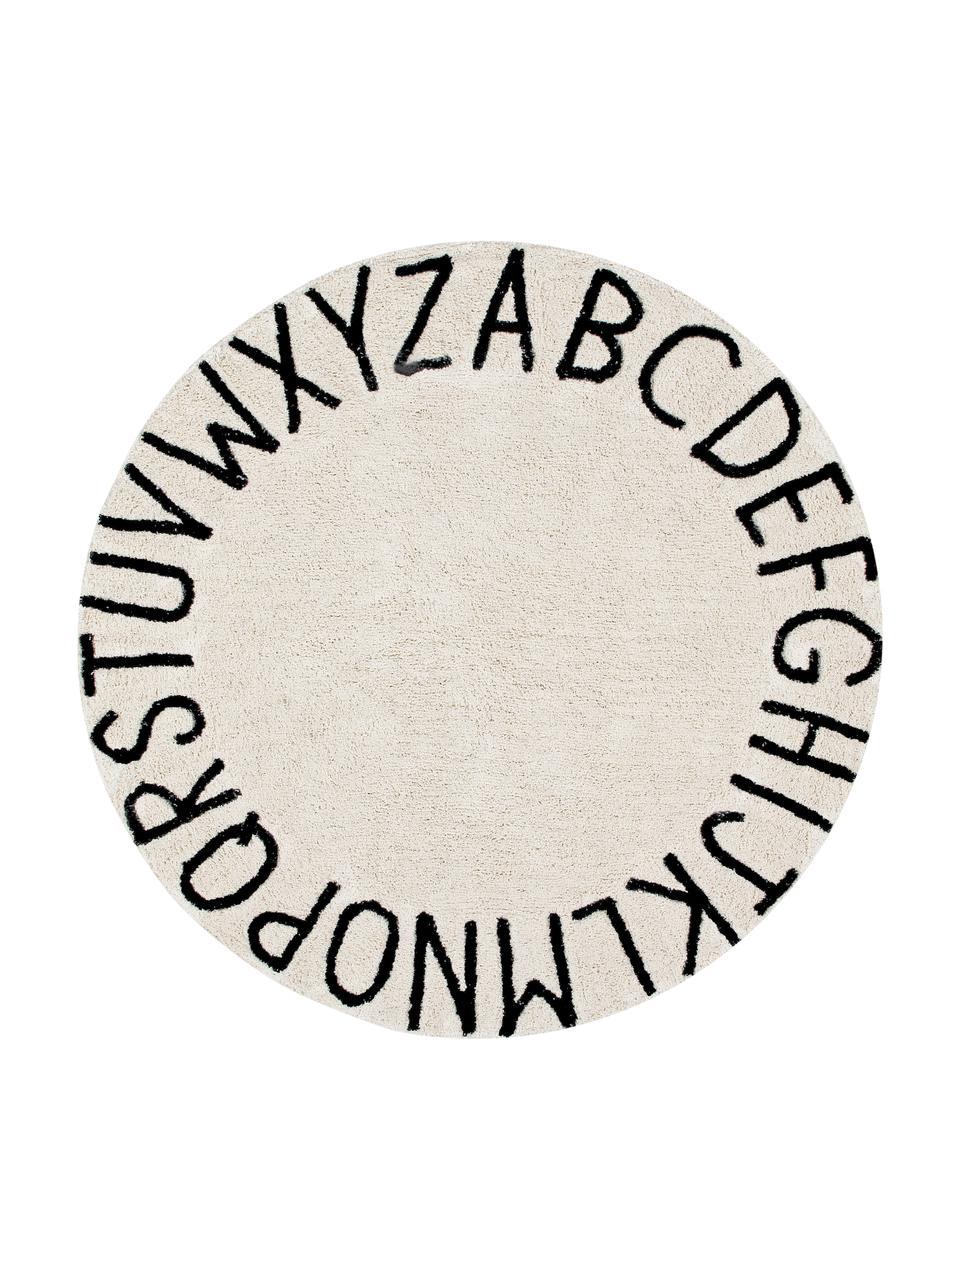 Tappeto rotondo lavabile con motivo a lettere ABC, Cotone riciclato (80% cotone, 20% altre fibre), Marrone chiaro, nero, Ø 150 cm (taglia M)